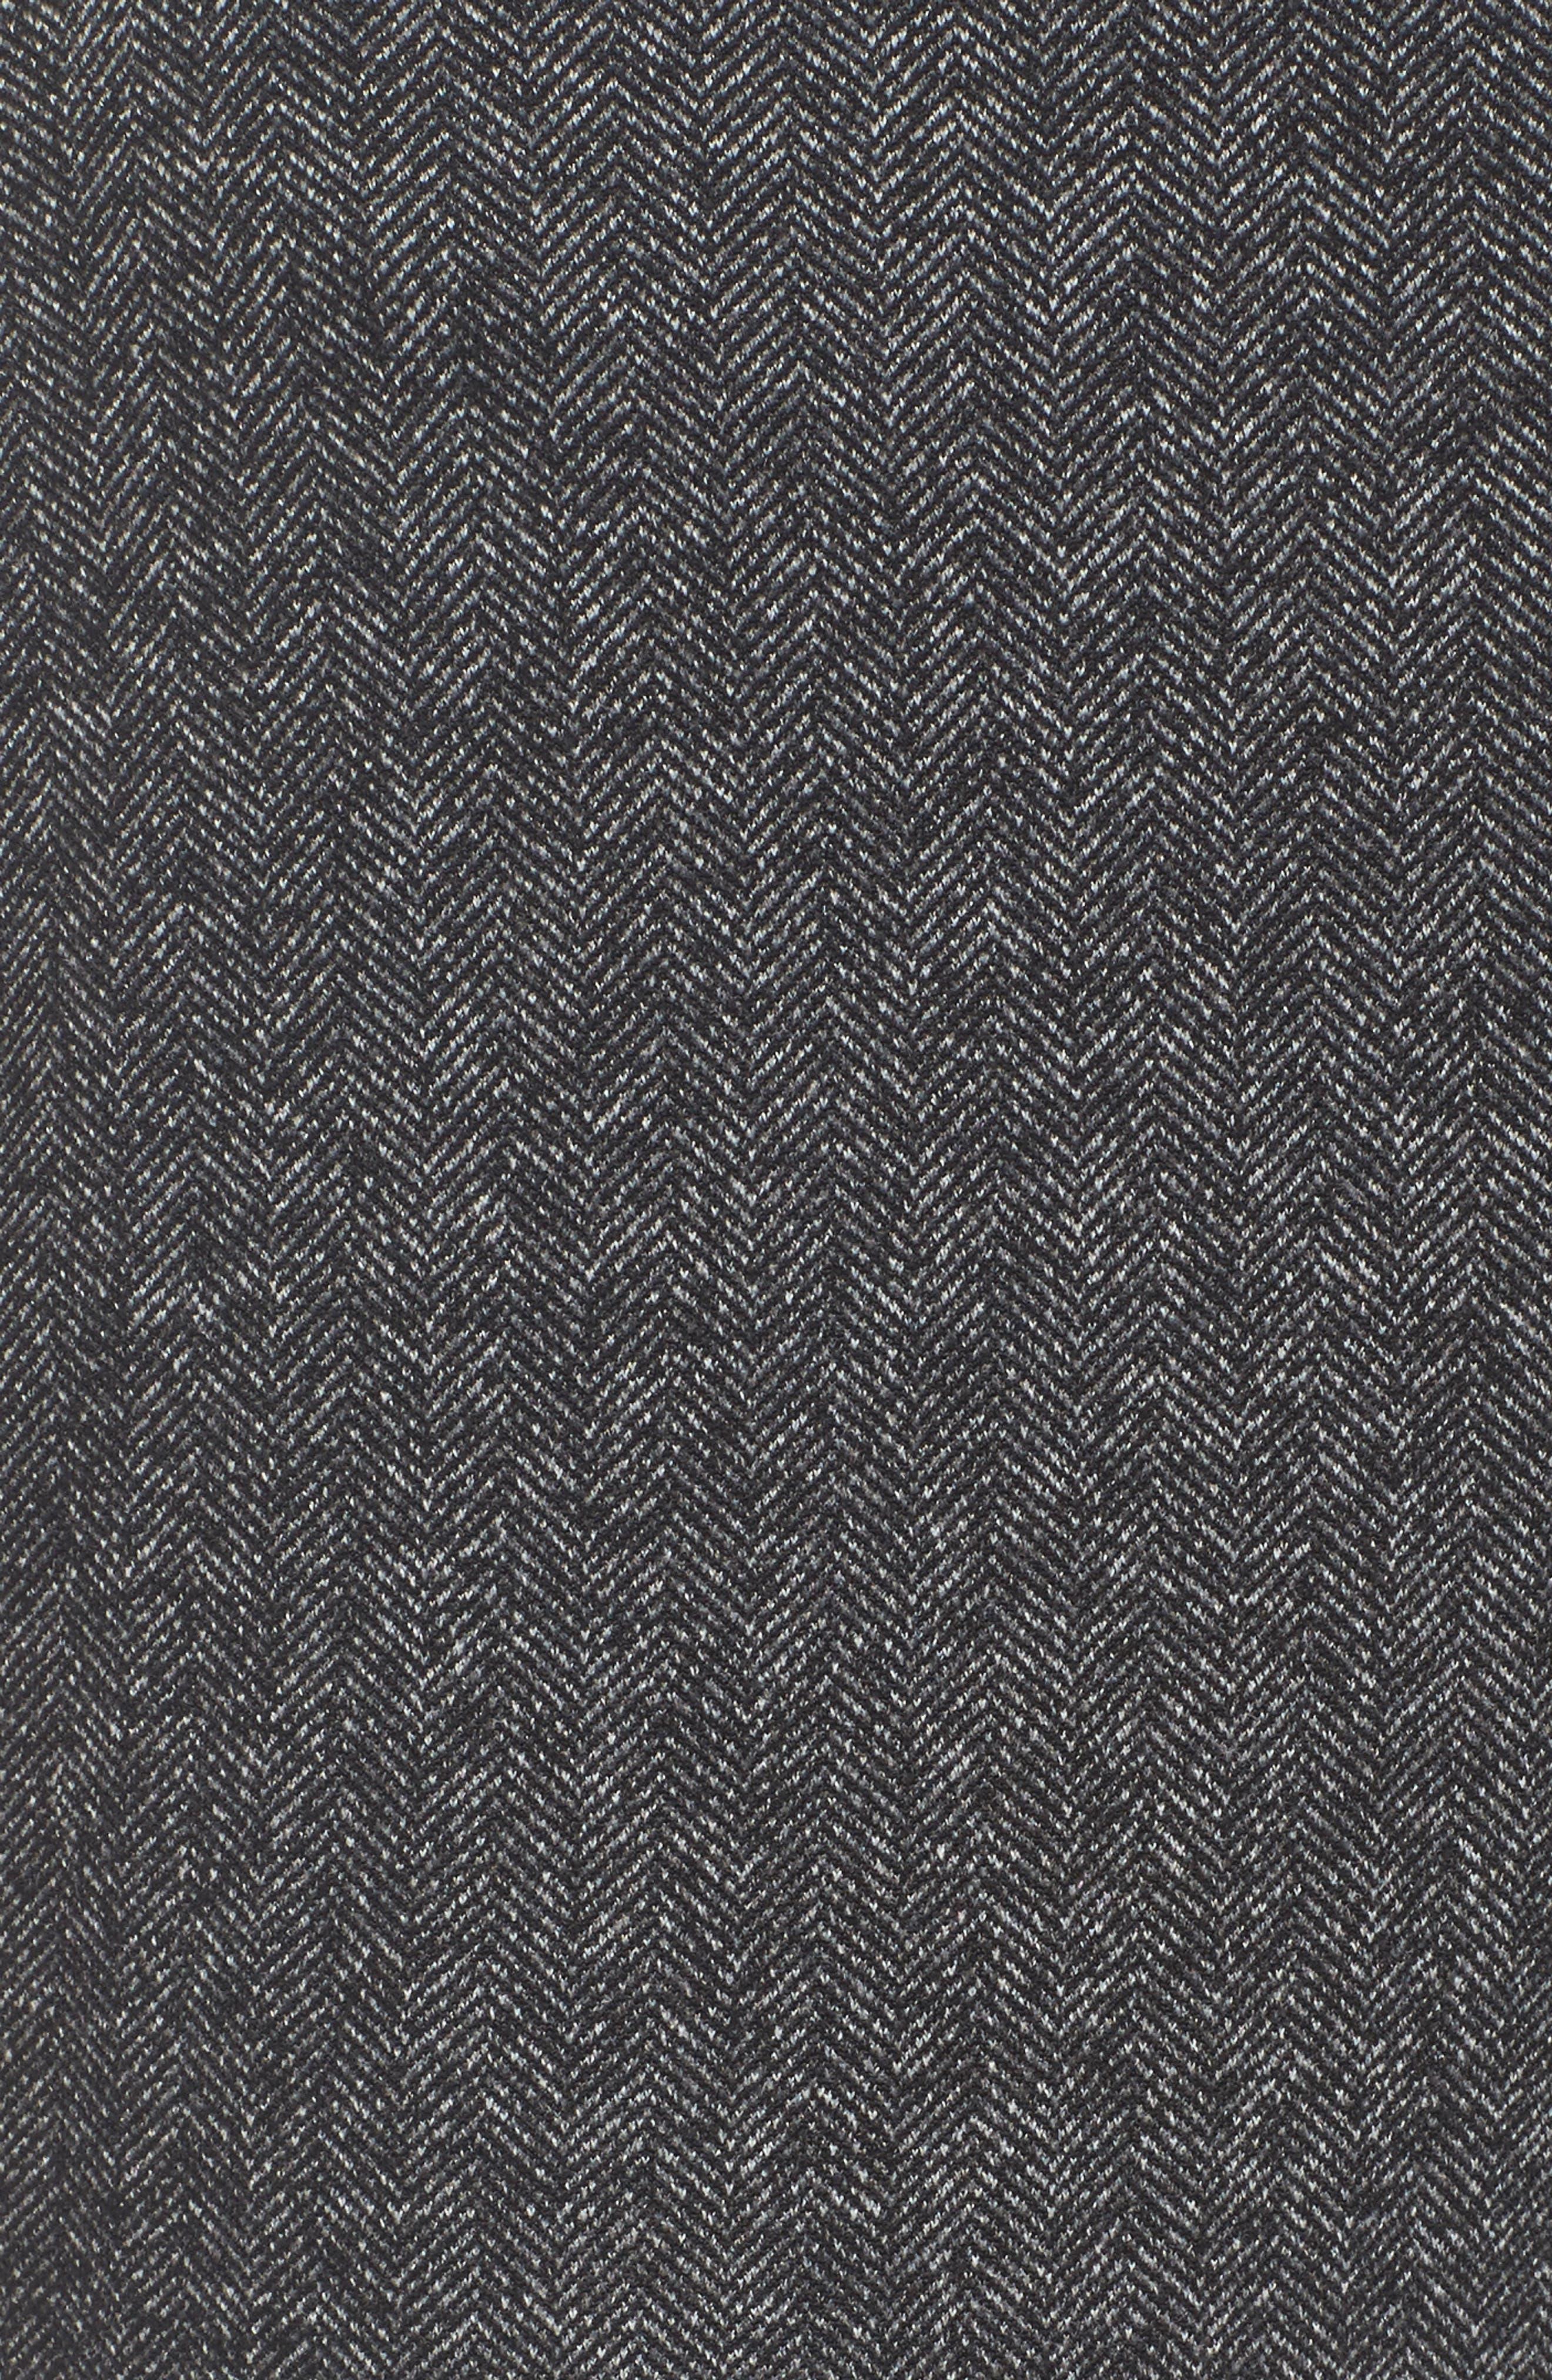 Herringbone Leggings,                             Alternate thumbnail 5, color,                             021